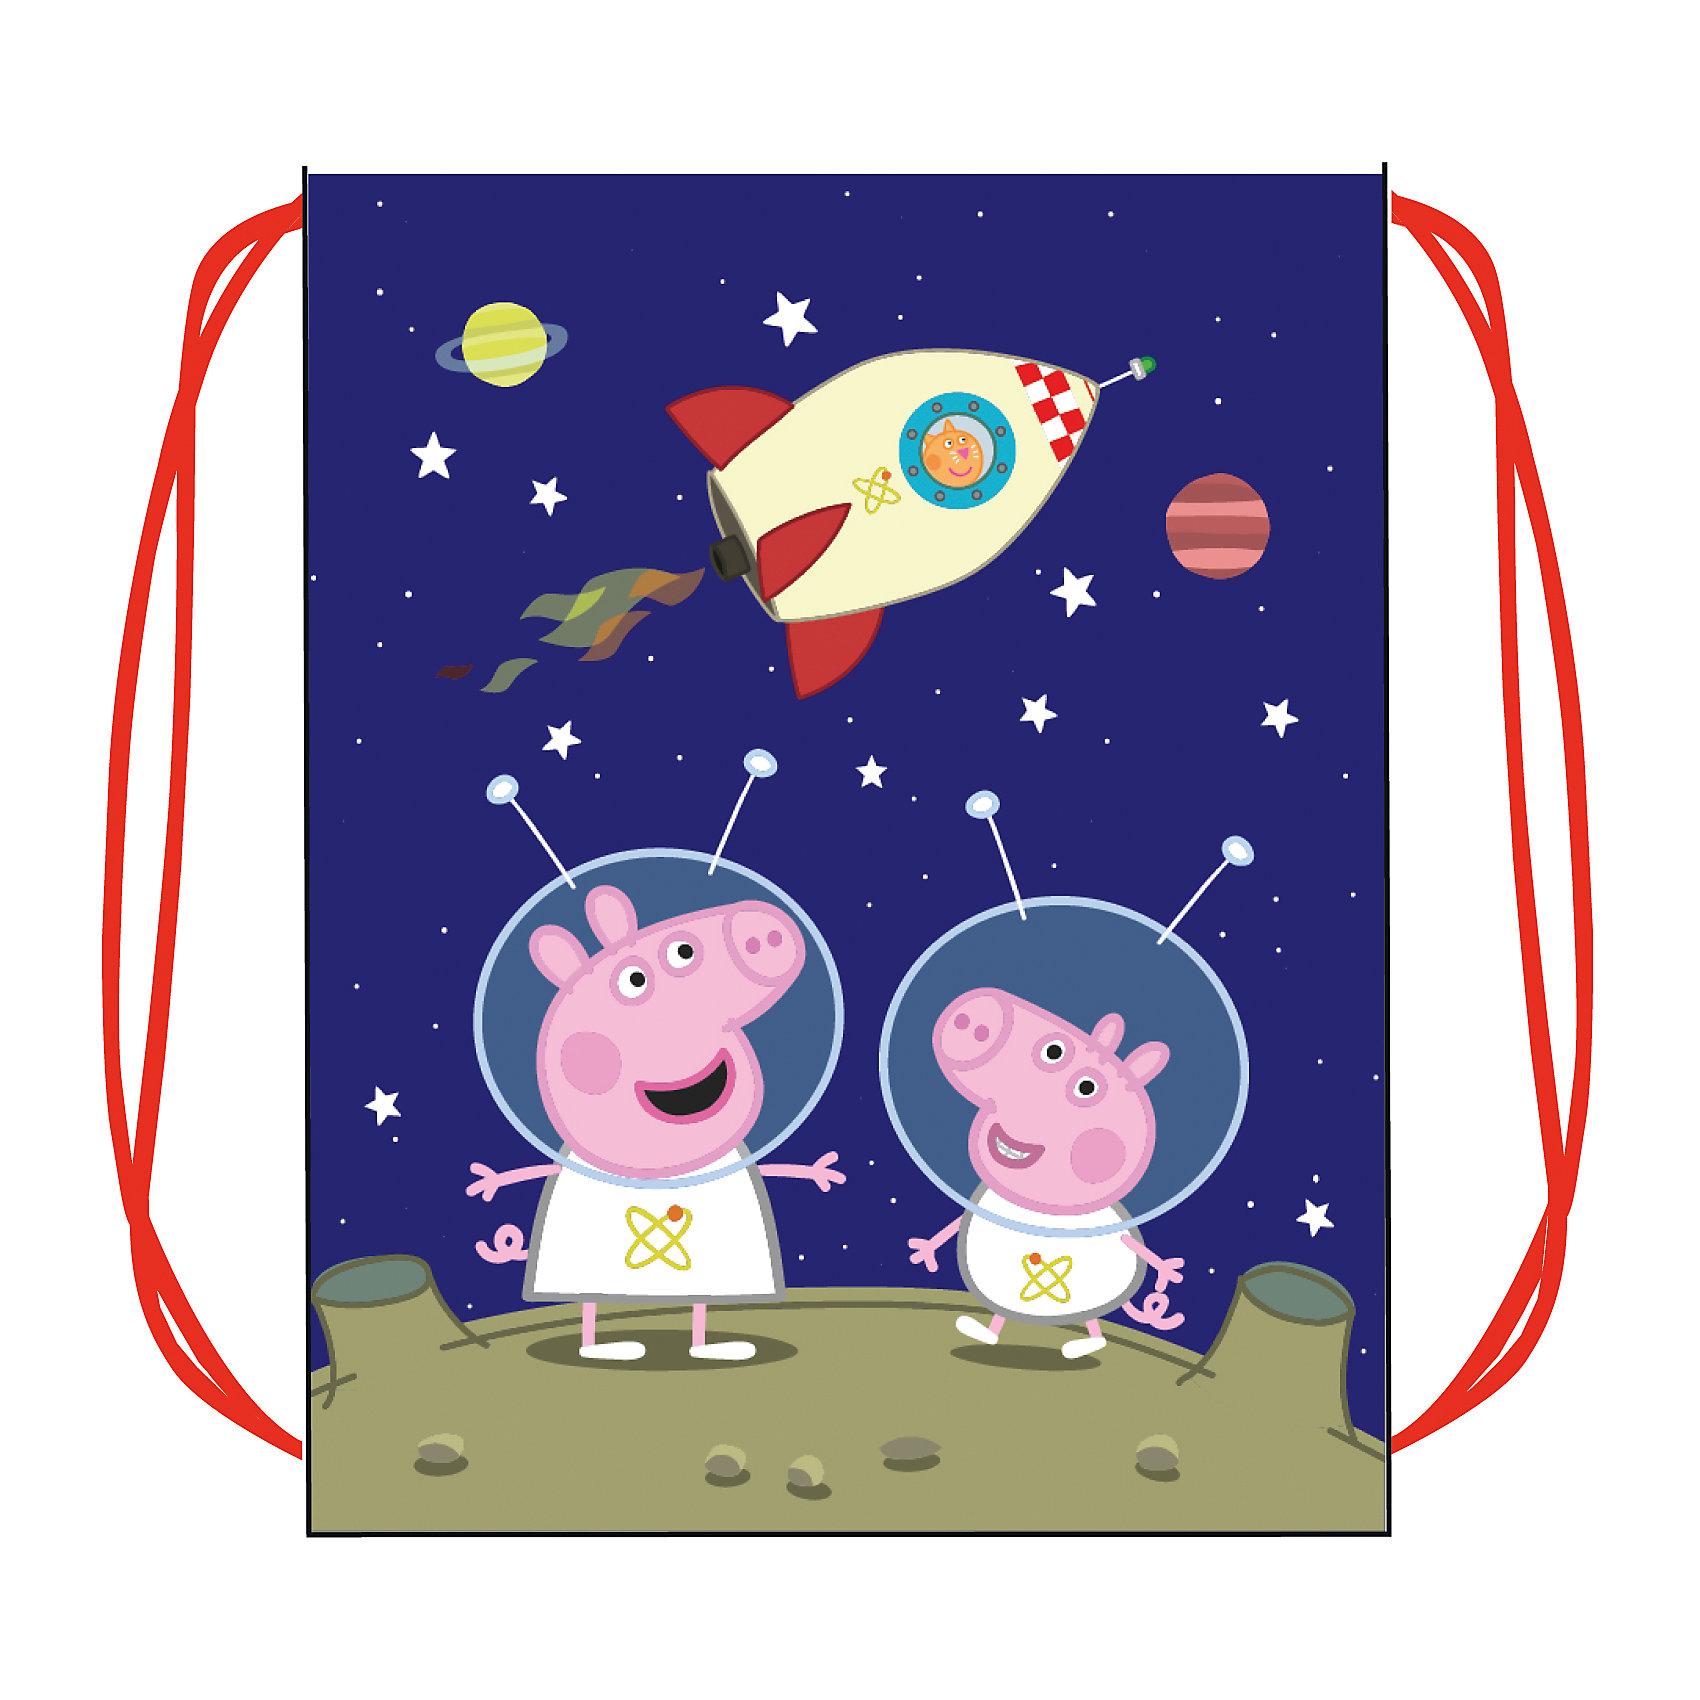 Мешок для обуви Космос, Peppa PigМешки для обуви<br>Мешок для обуви с изображением космического путешествия Свинки Пеппы и ее братика Джорджа – это красивый и удобный помощник в школе и спорте, который непременно понравится малышу. Вместительный мешок ТМ «Свинка Пеппа» подходит для обуви любого размера и затягивается шнурками, дополнительно выполняющими функцию лямок. Аксессуар изготовлен из износостойкой ткани, имеет длительный срок службы и декорирован красочным принтом. Размер: 46х35см. Материал: полиэстер.<br><br>Ширина мм: 220<br>Глубина мм: 180<br>Высота мм: 50<br>Вес г: 40<br>Возраст от месяцев: 36<br>Возраст до месяцев: 2147483647<br>Пол: Унисекс<br>Возраст: Детский<br>SKU: 5453345